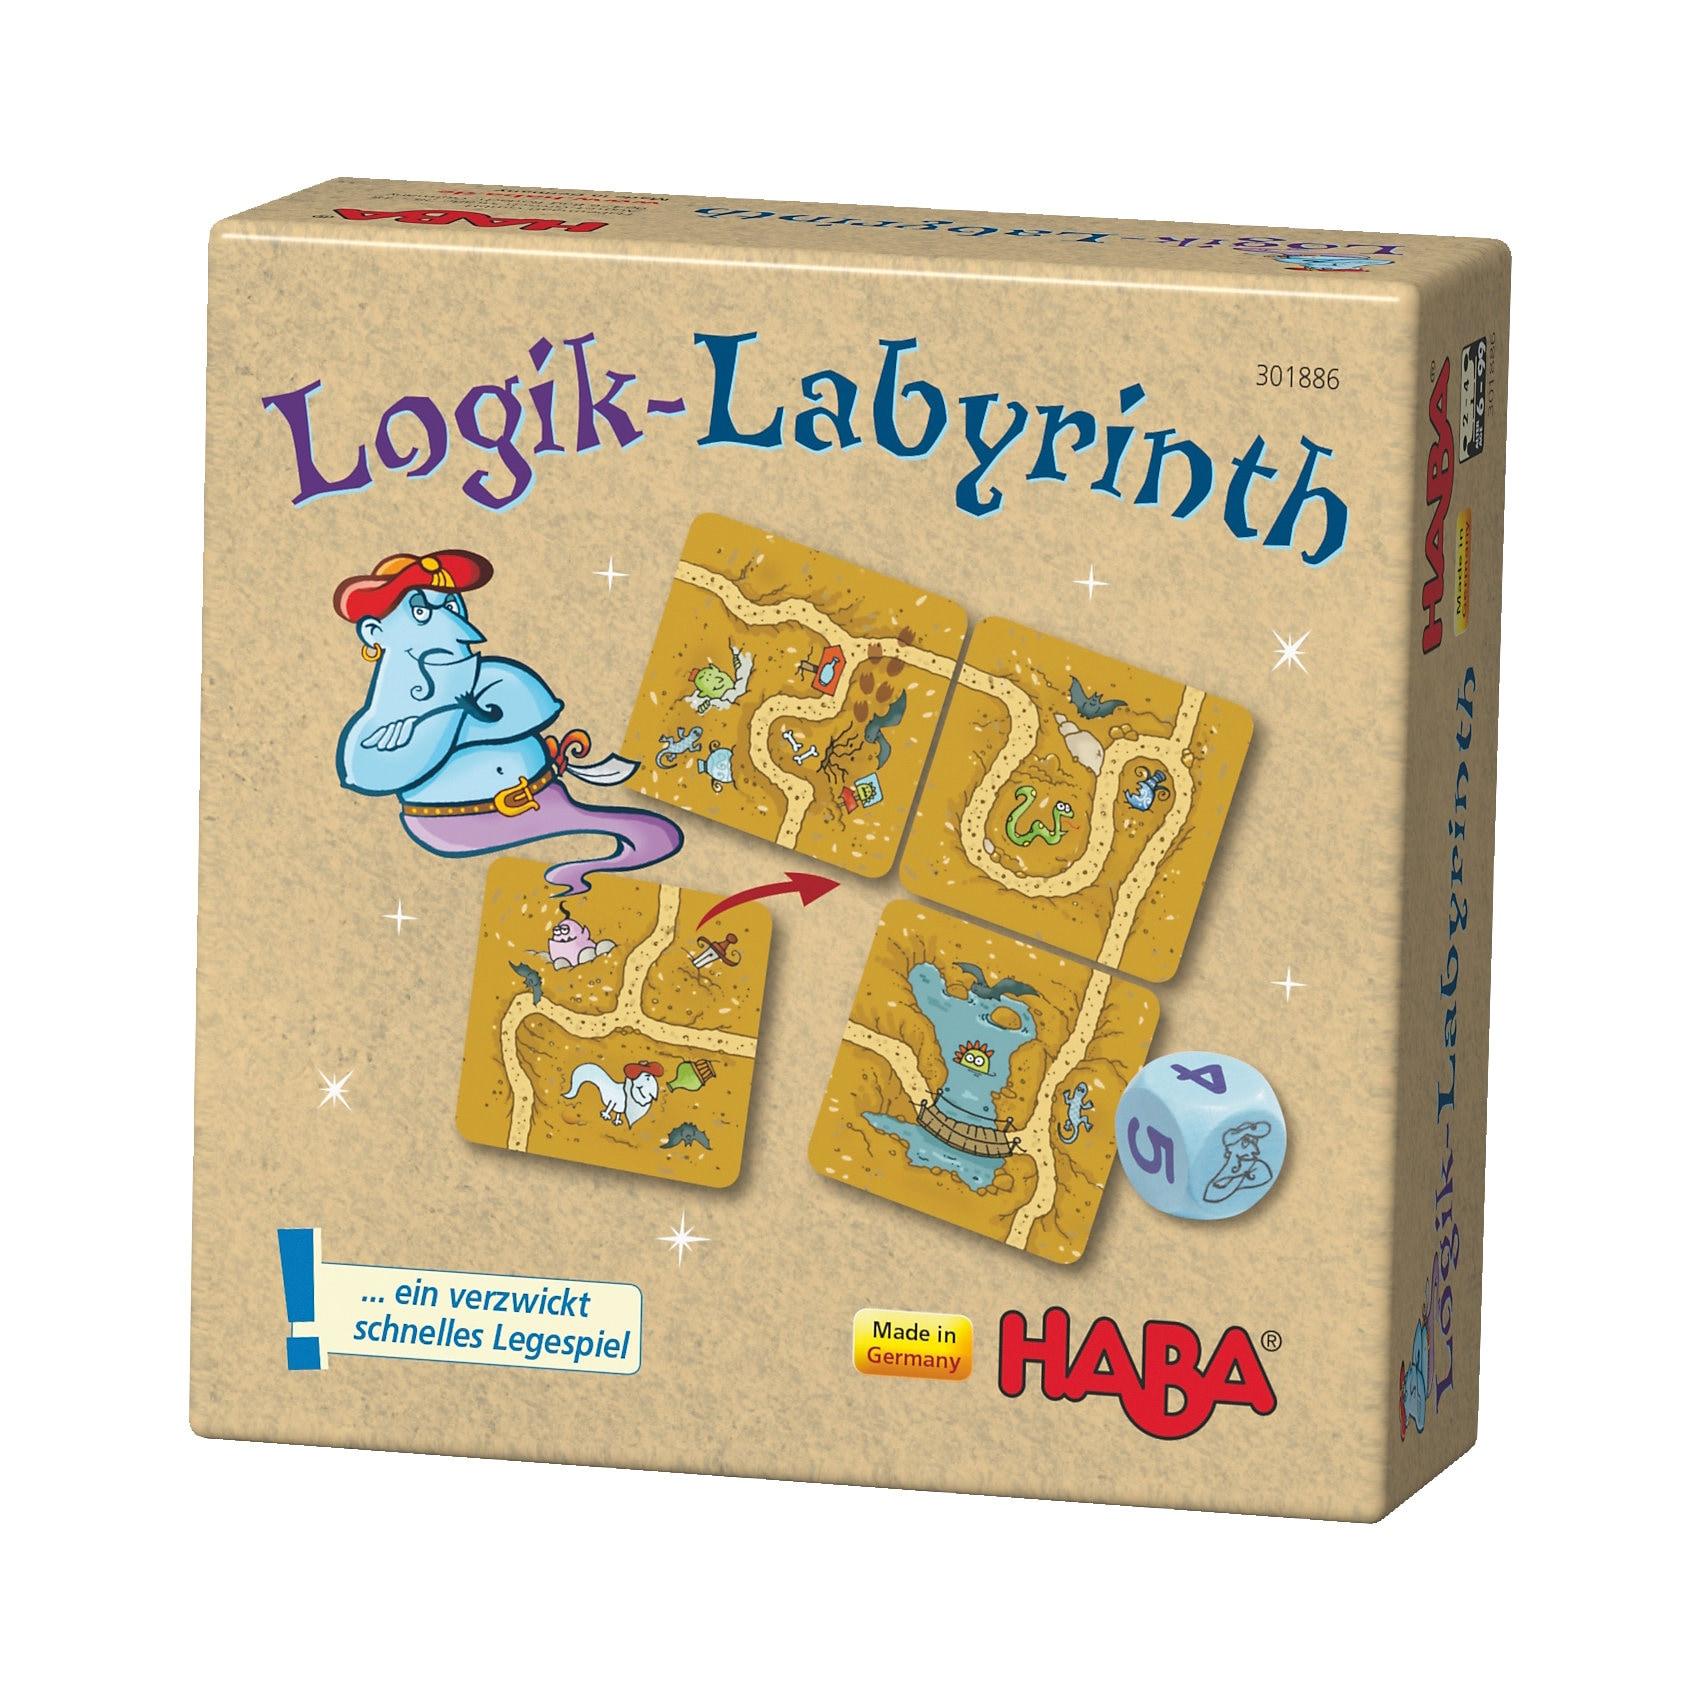 Haba Logik-Labyrinth